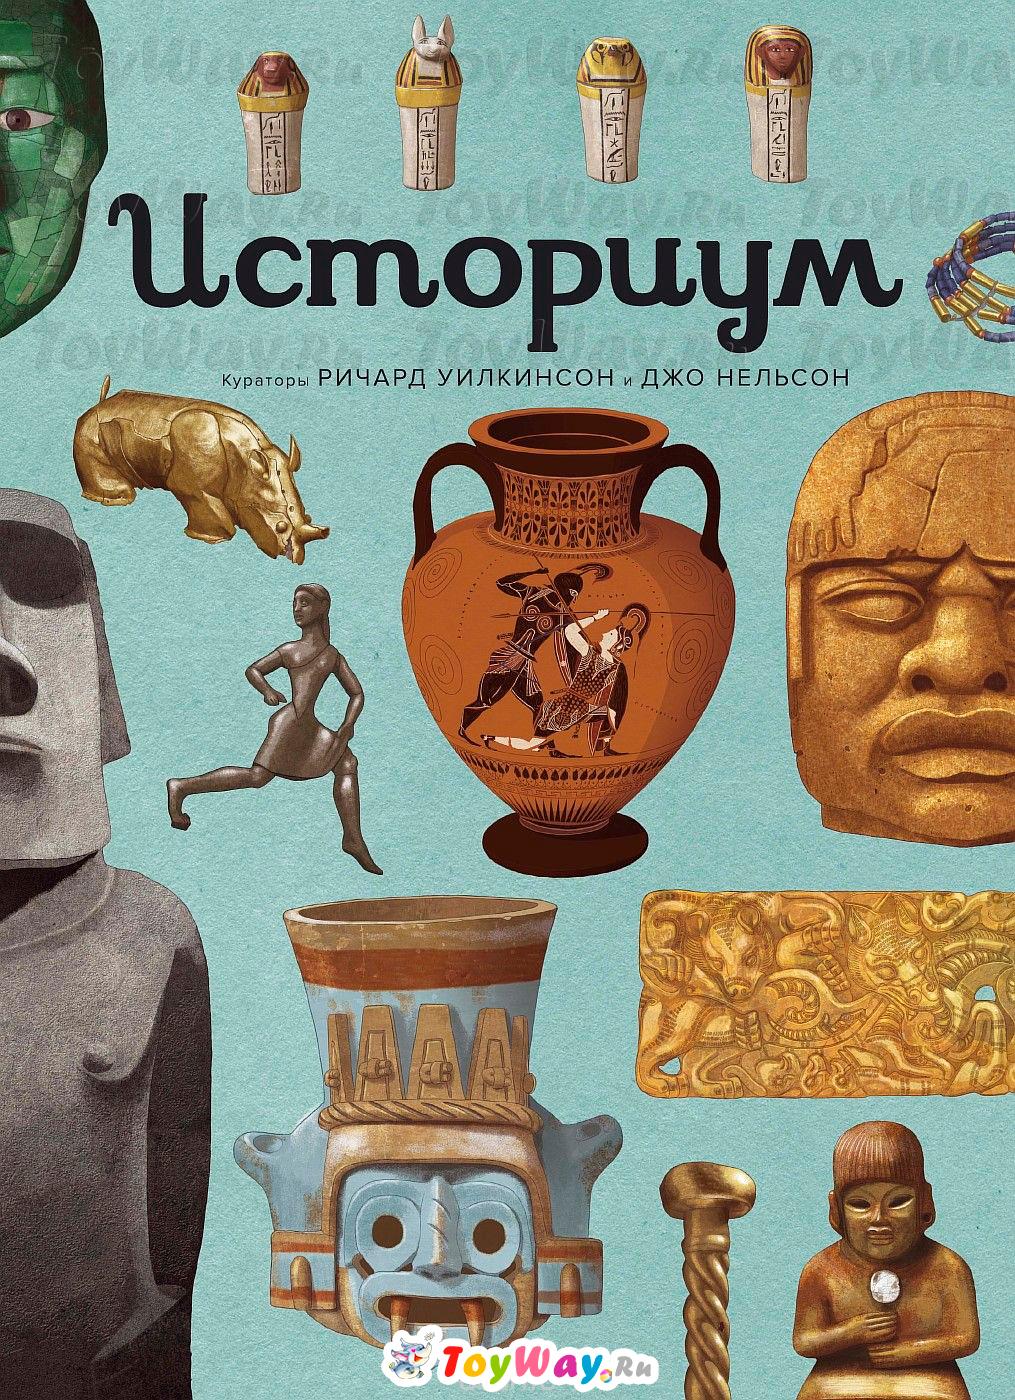 Детская энциклопедия «Историум» - Энциклопедии , артикул: 134713